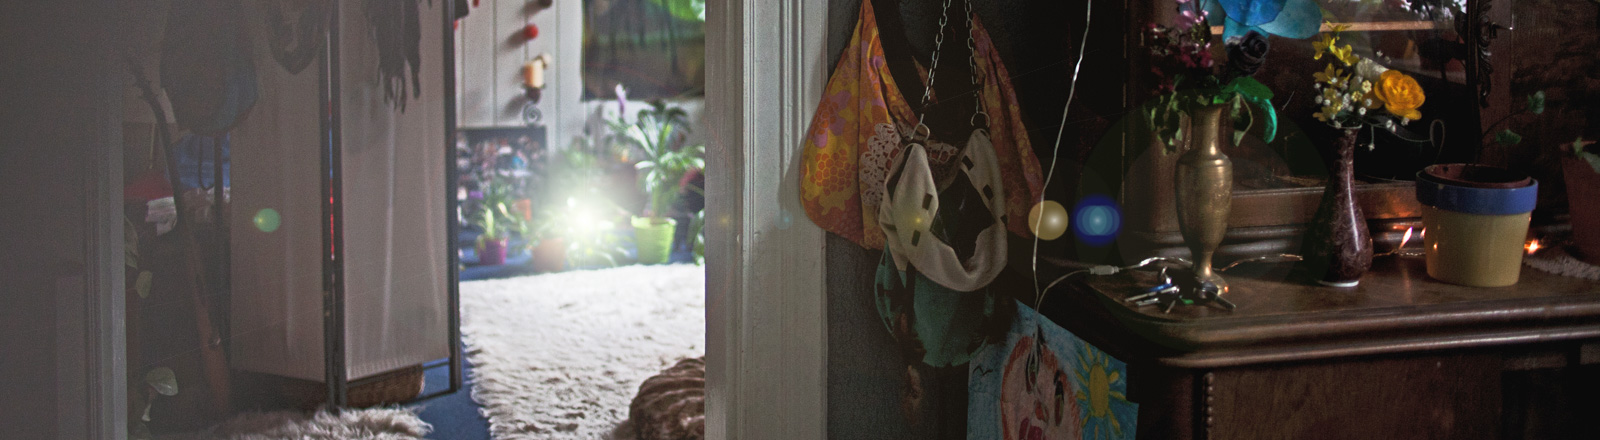 In einer Wohnung steht rechts ein Schrank mit Vasen darauf. Links ist eine Tür geöffnet. Der Blick fällt in einen hell erleuchteten Raum.